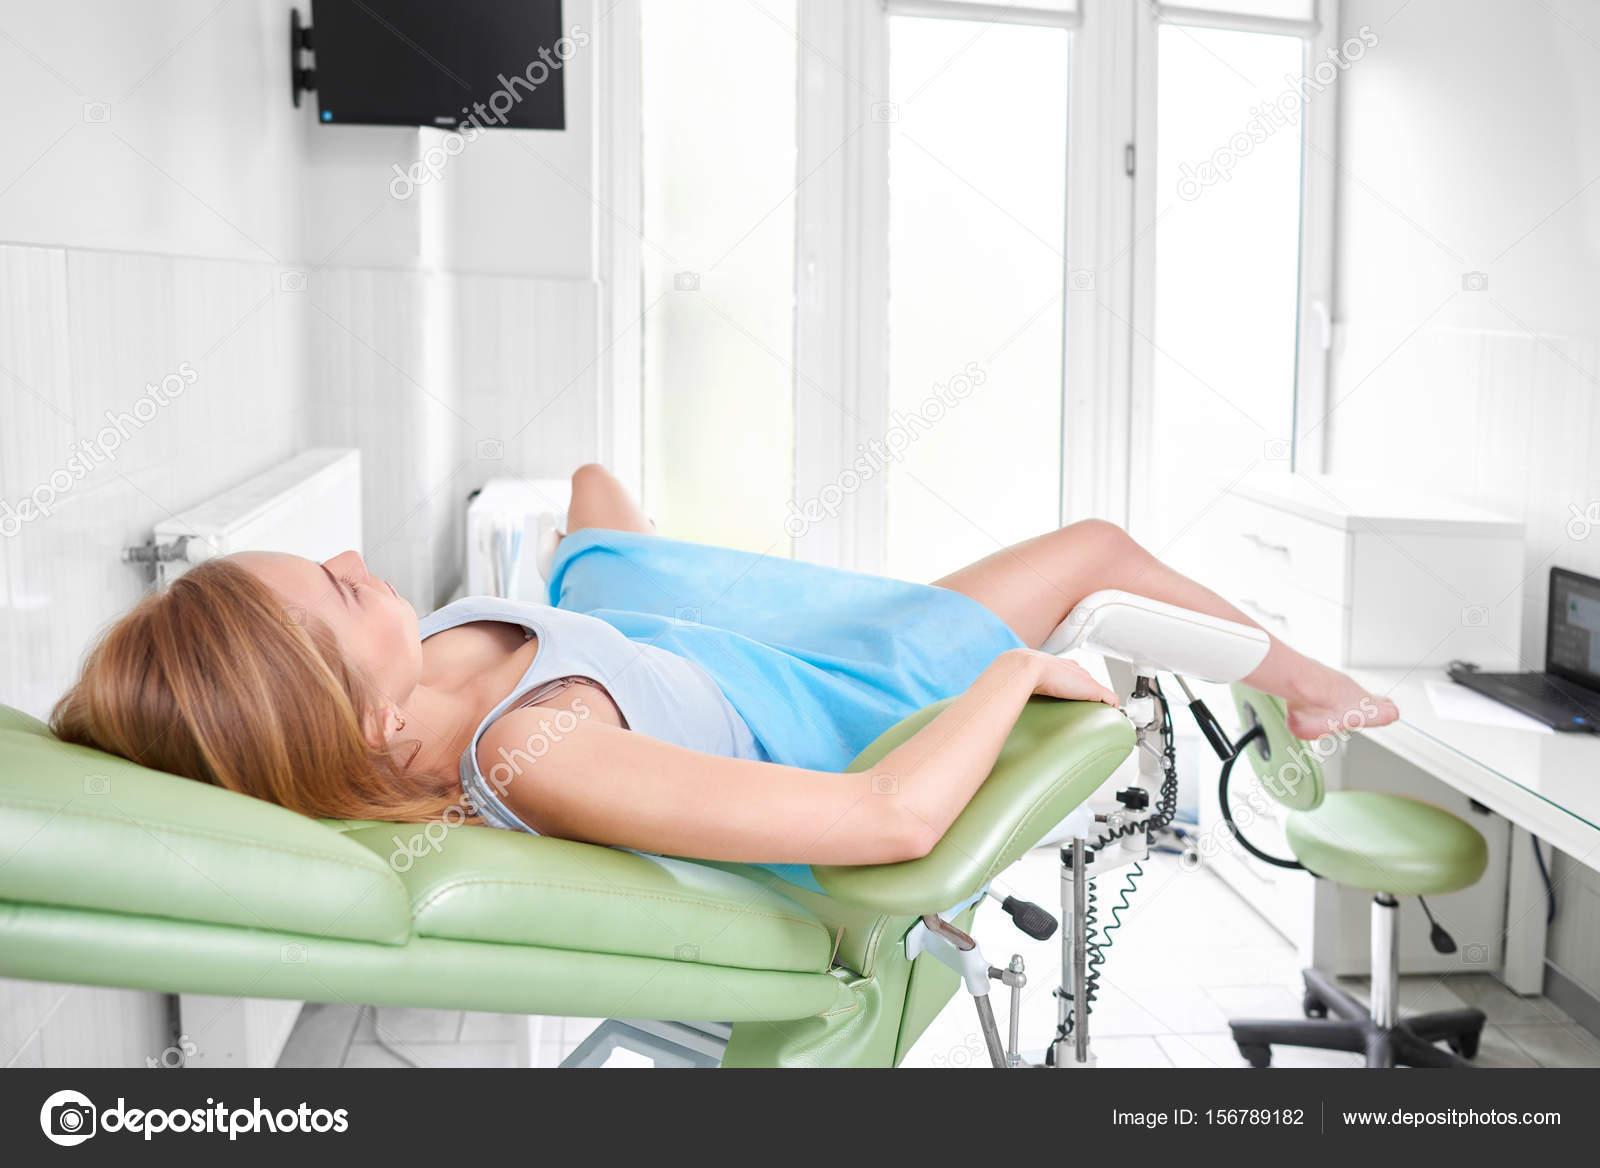 Смотреть онлайн гинеколог с пациенткой сообщение